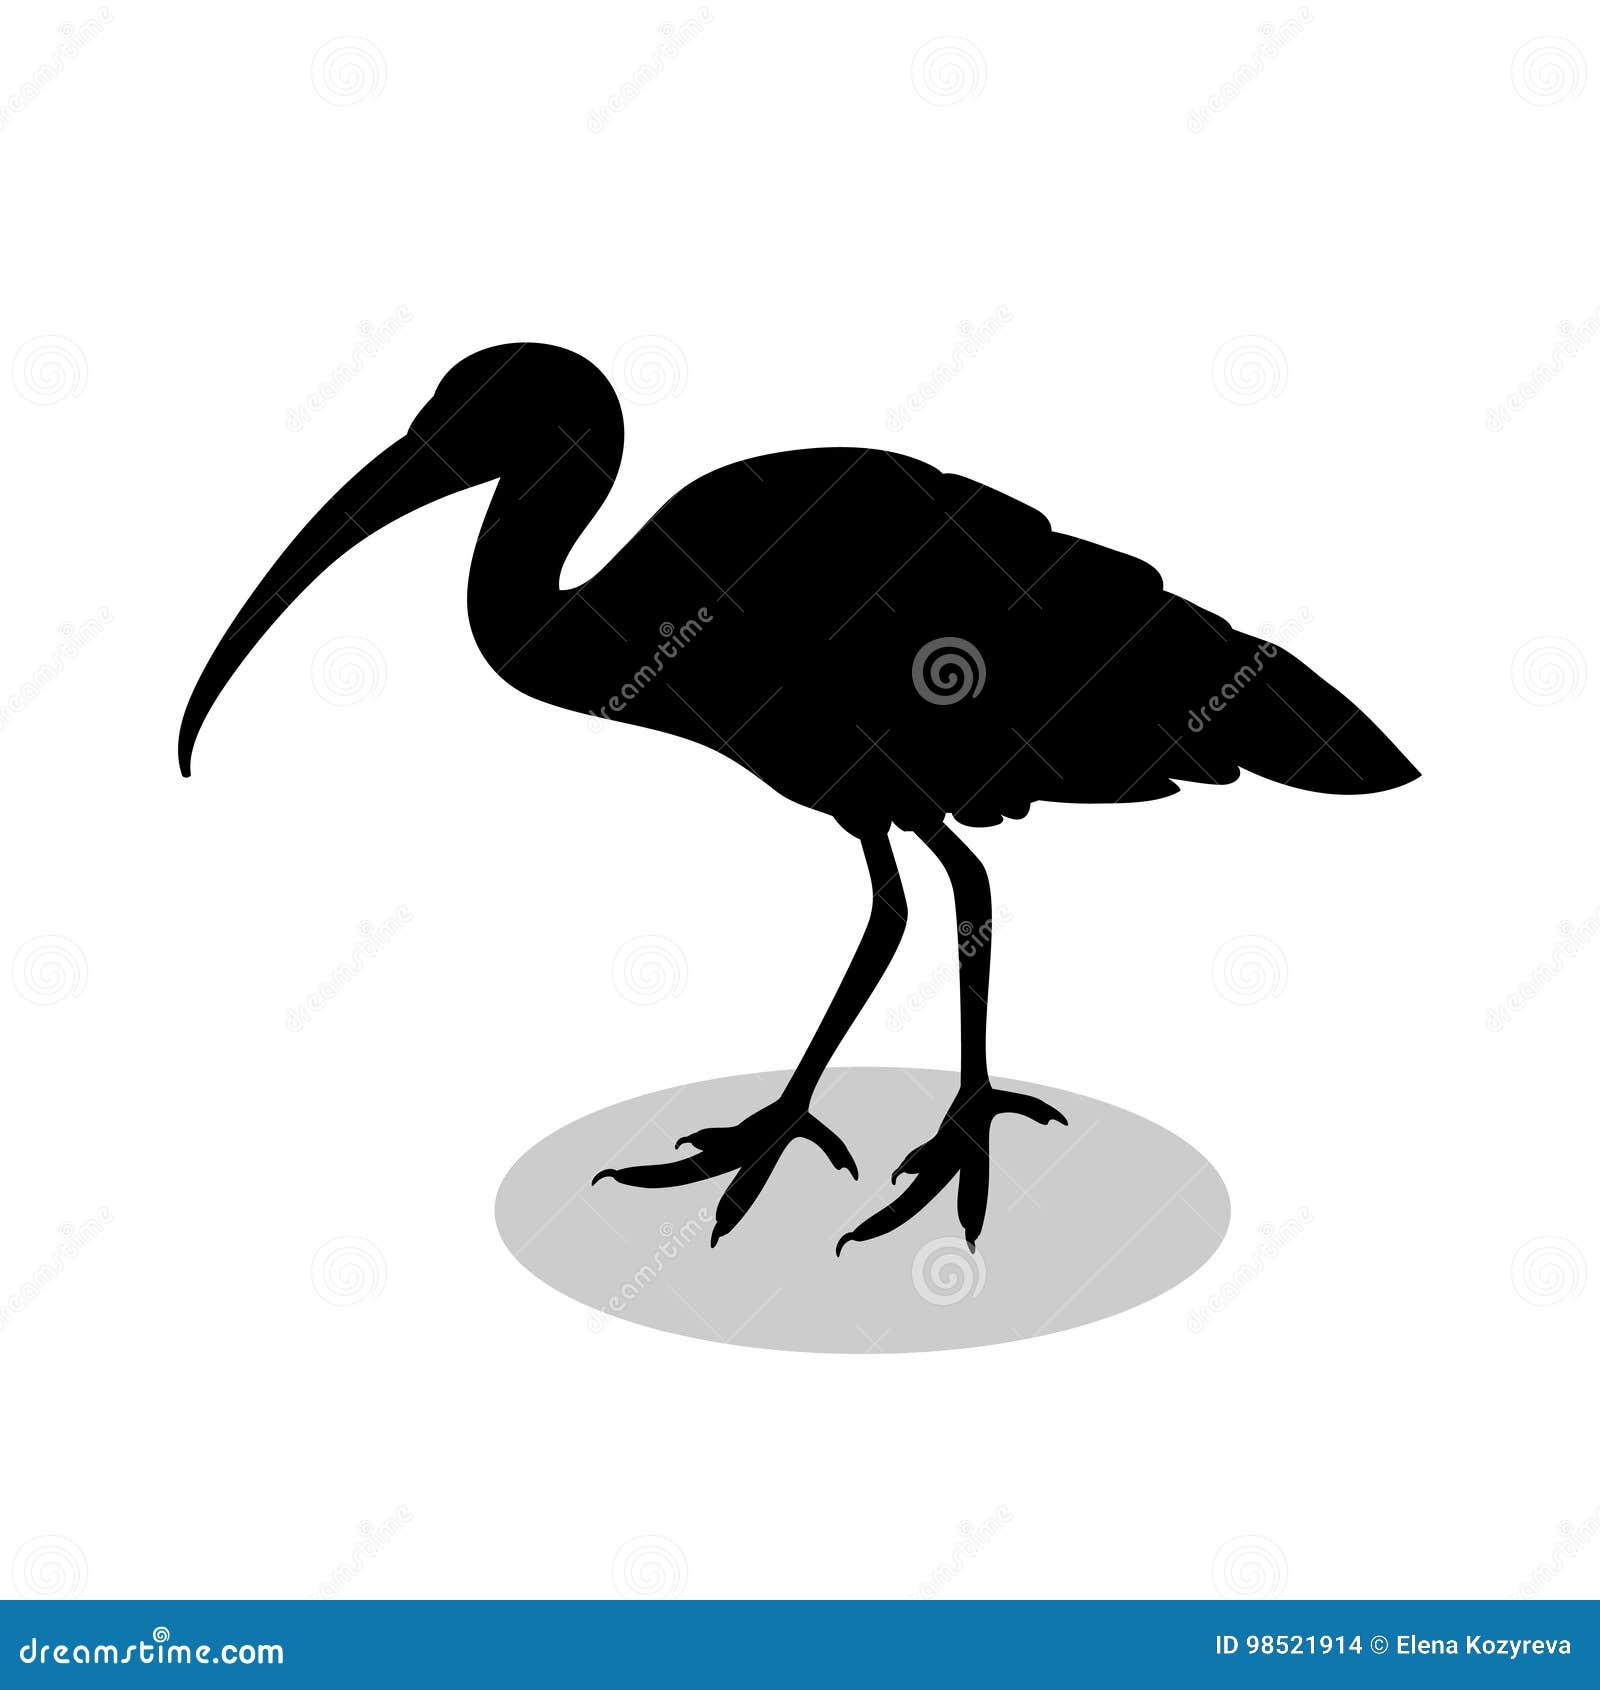 朱鹭鸟黑色剪影动物